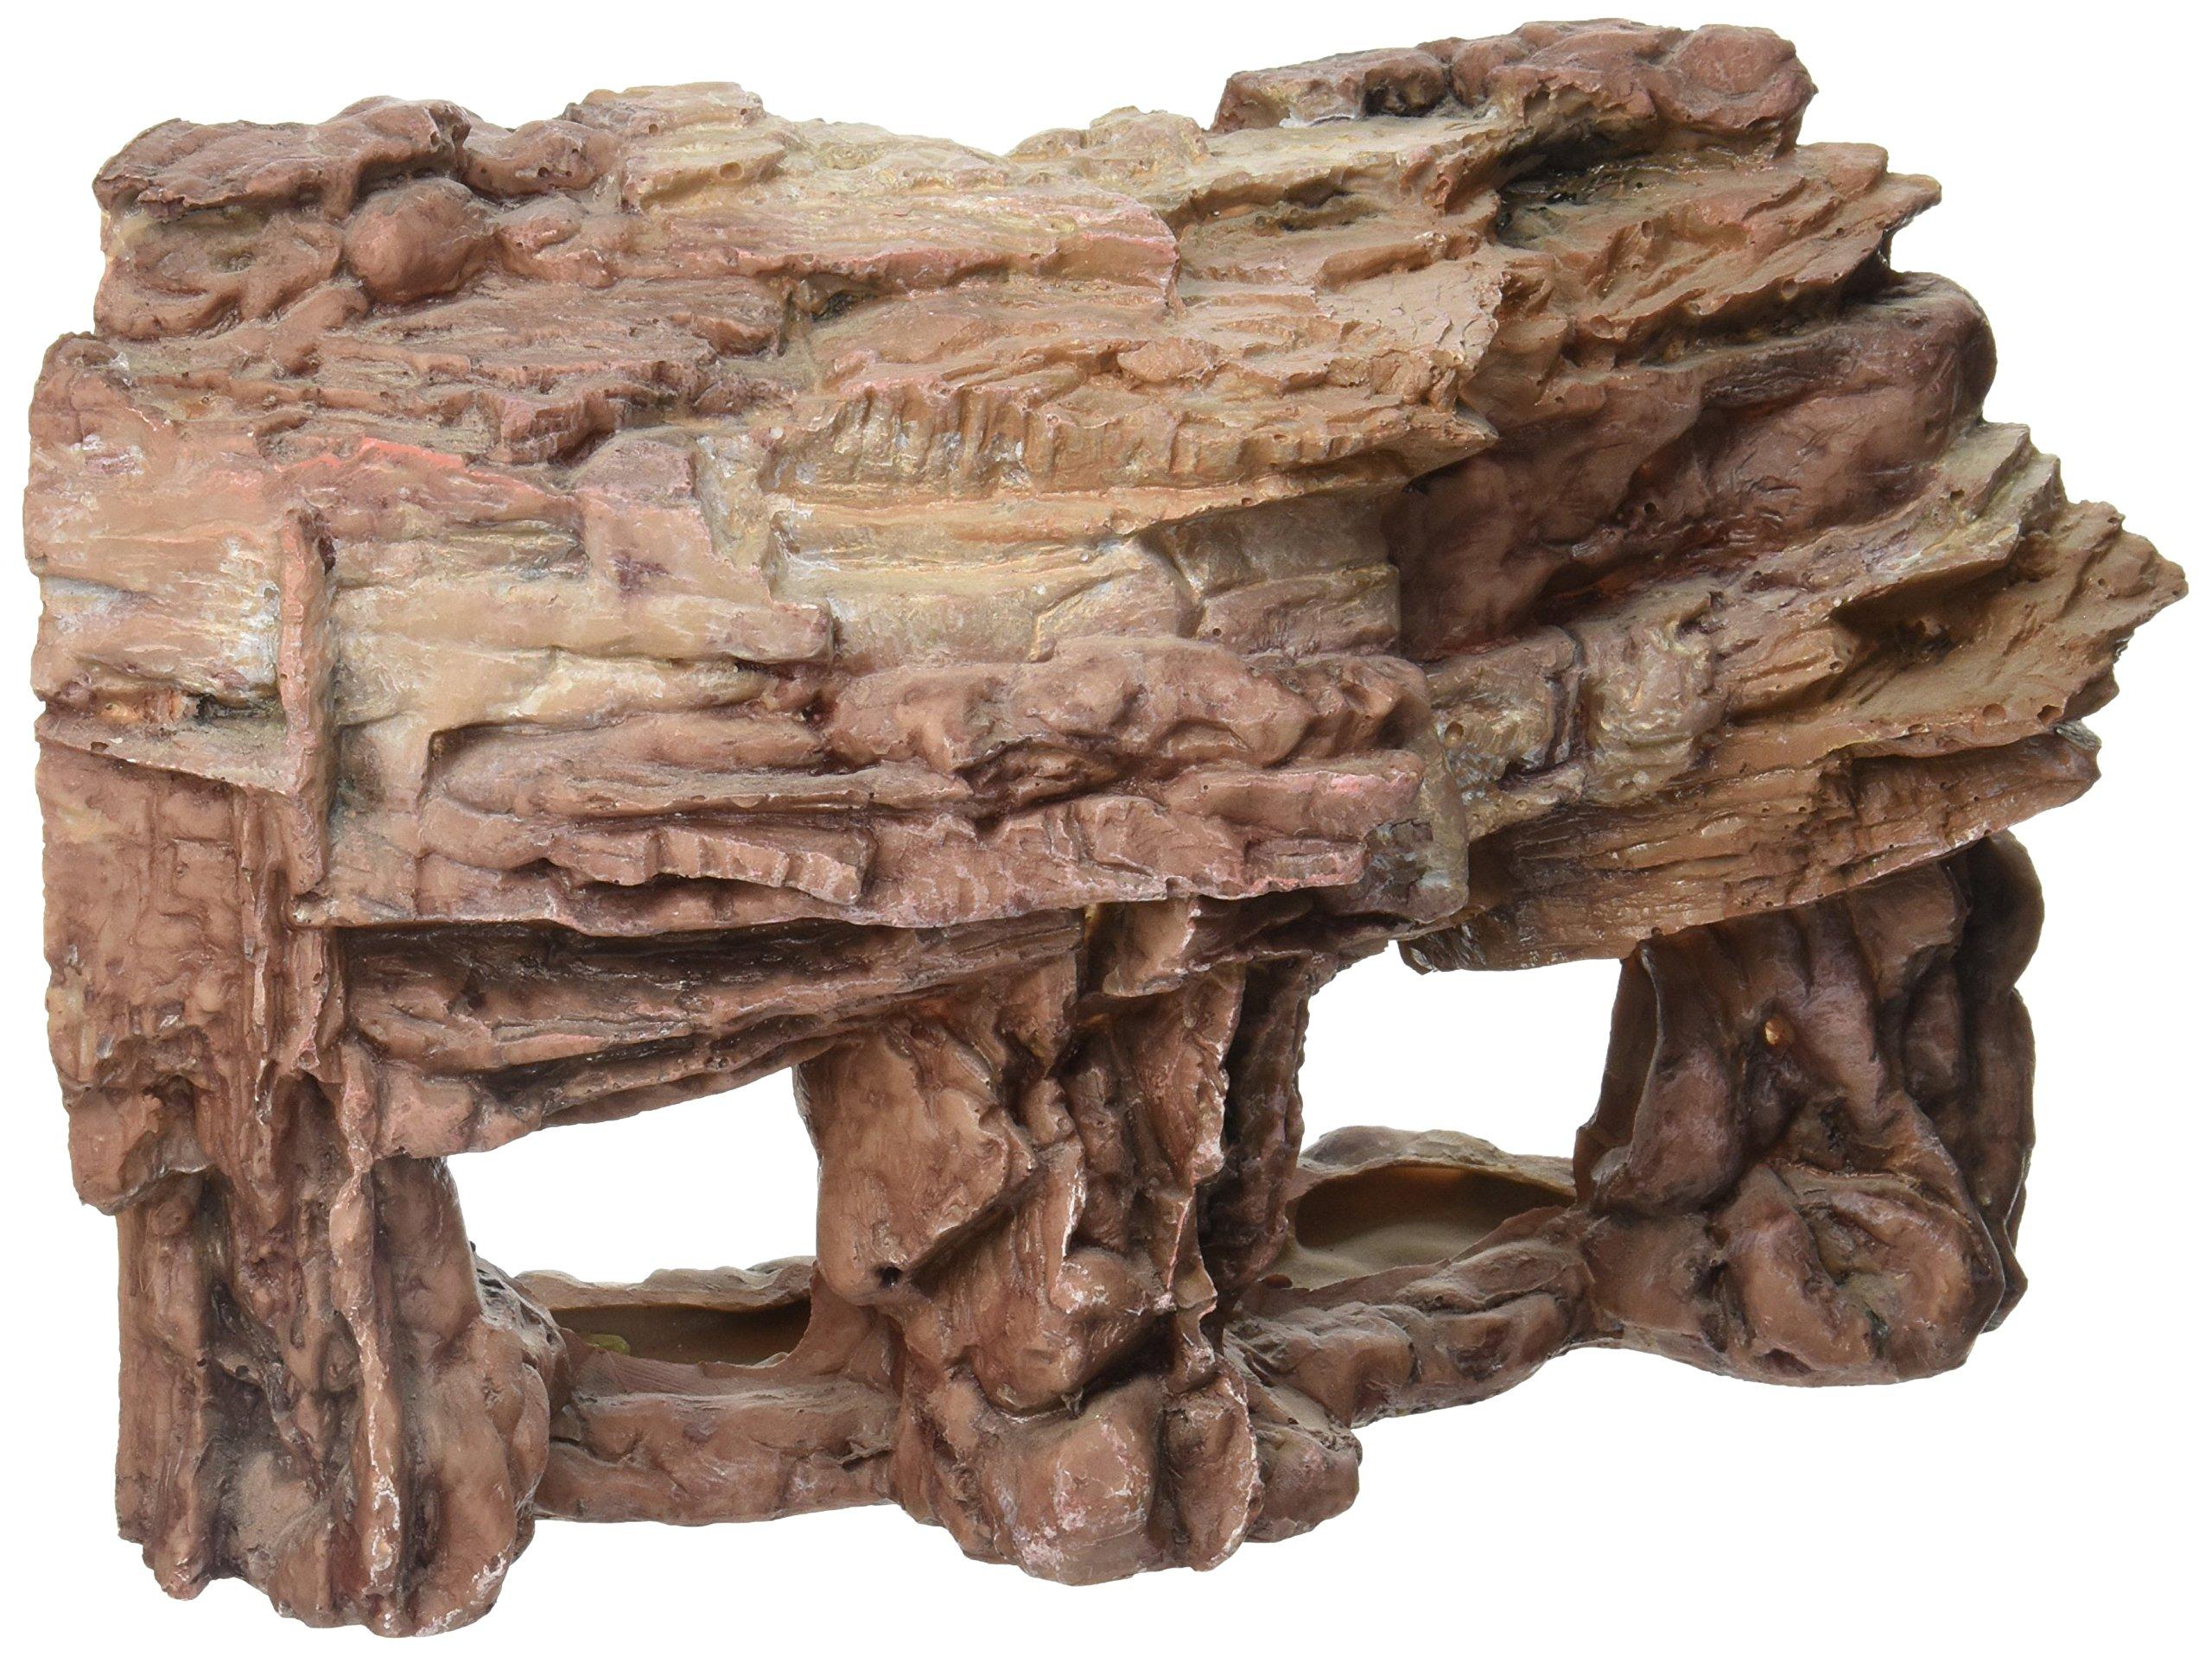 Pen Plax RR702 Rock Grotto Aquarium Ornament